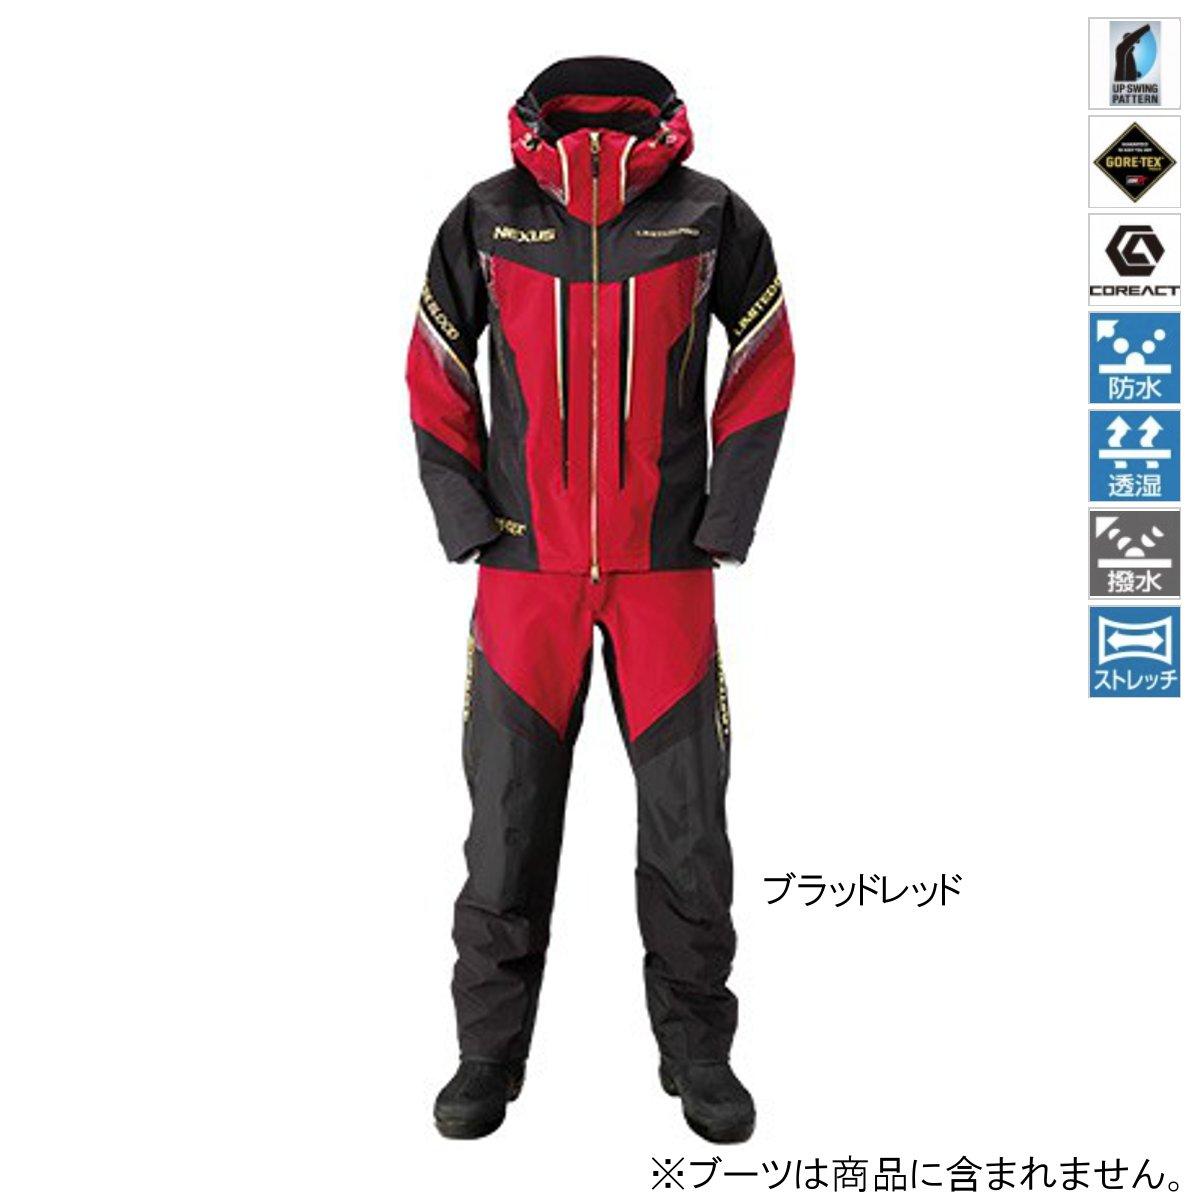 シマノ NEXUS・GORE-TEX レインスーツ LIMITED PRO RA-112S M ブラッドレッド【送料無料】